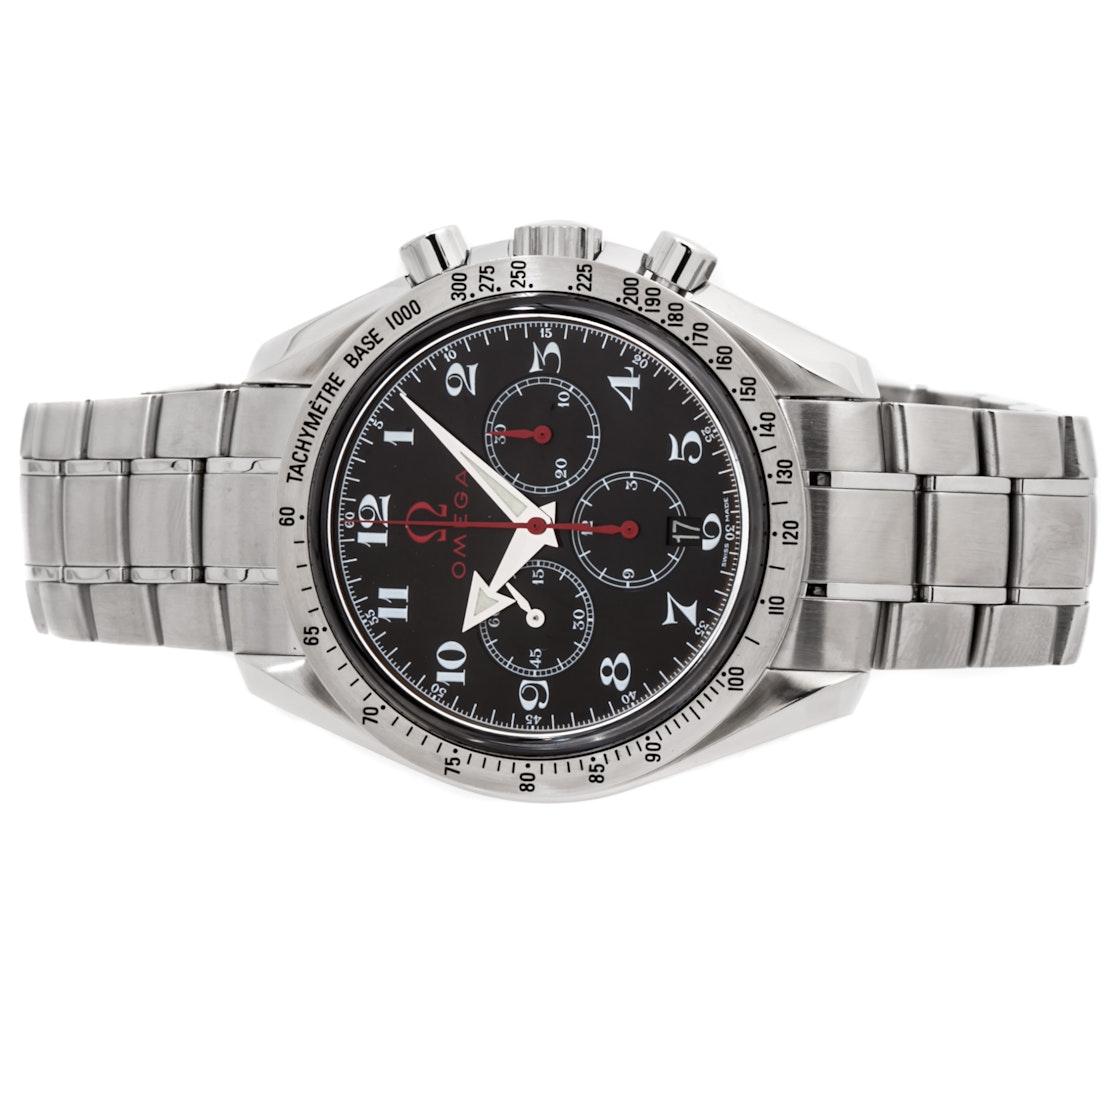 Omega Speedmaster Broad Arrow Chronograph 3556.50.00